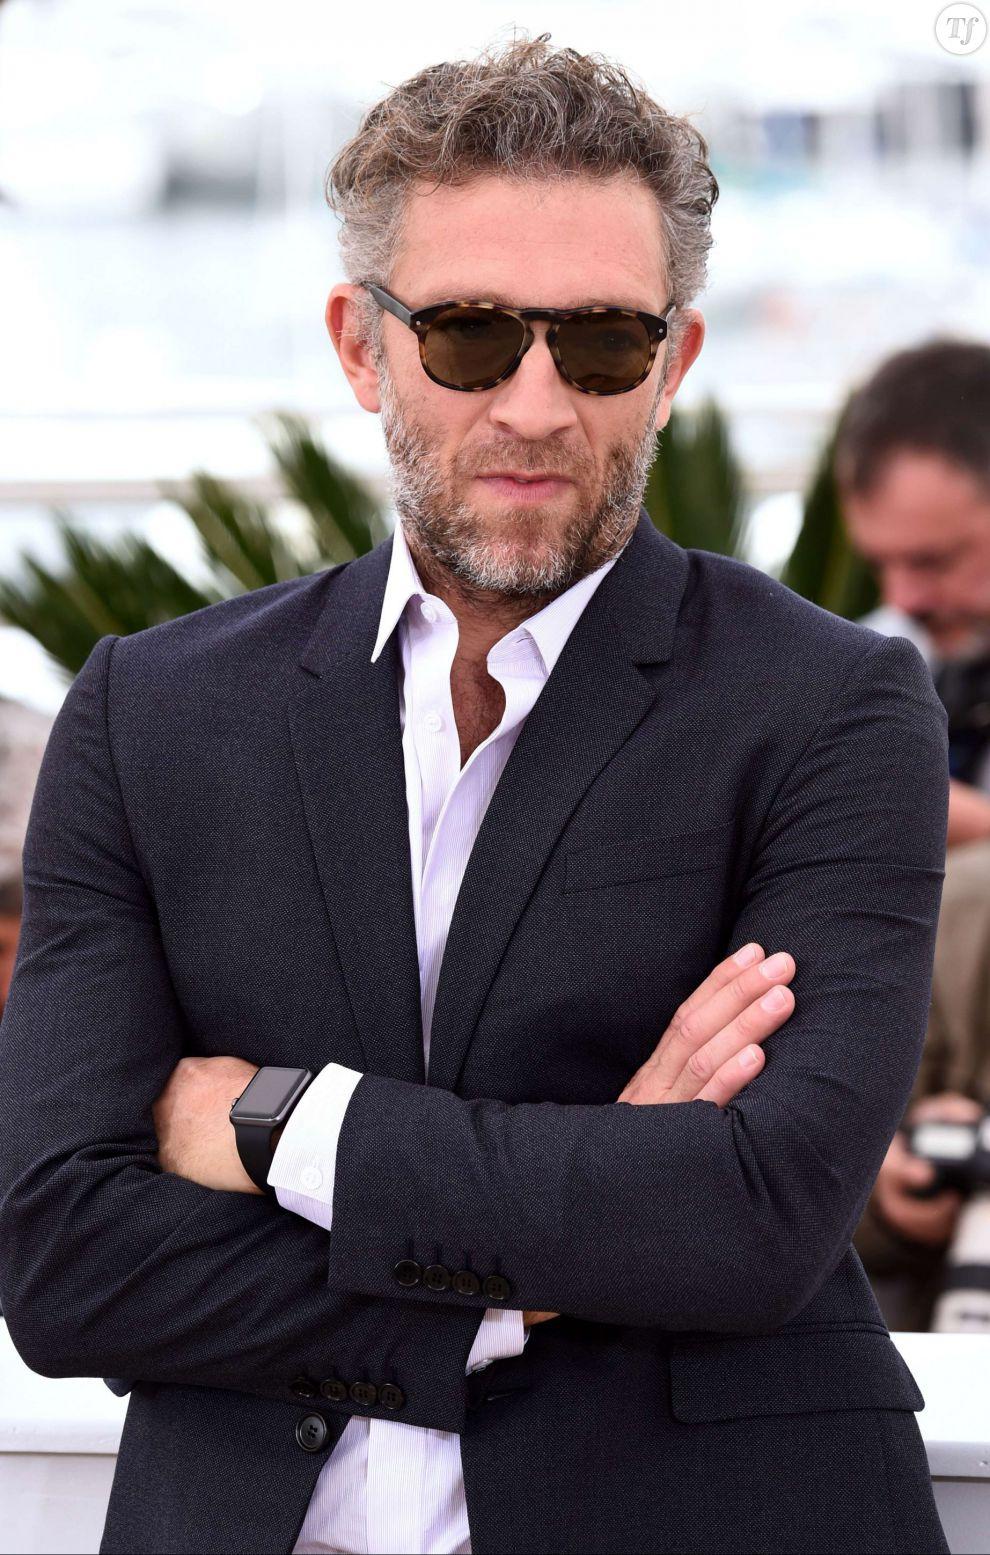 Vincent Cassel au photocall du film Tale of Tales au Festival de Cannes 2015 le 14 mai